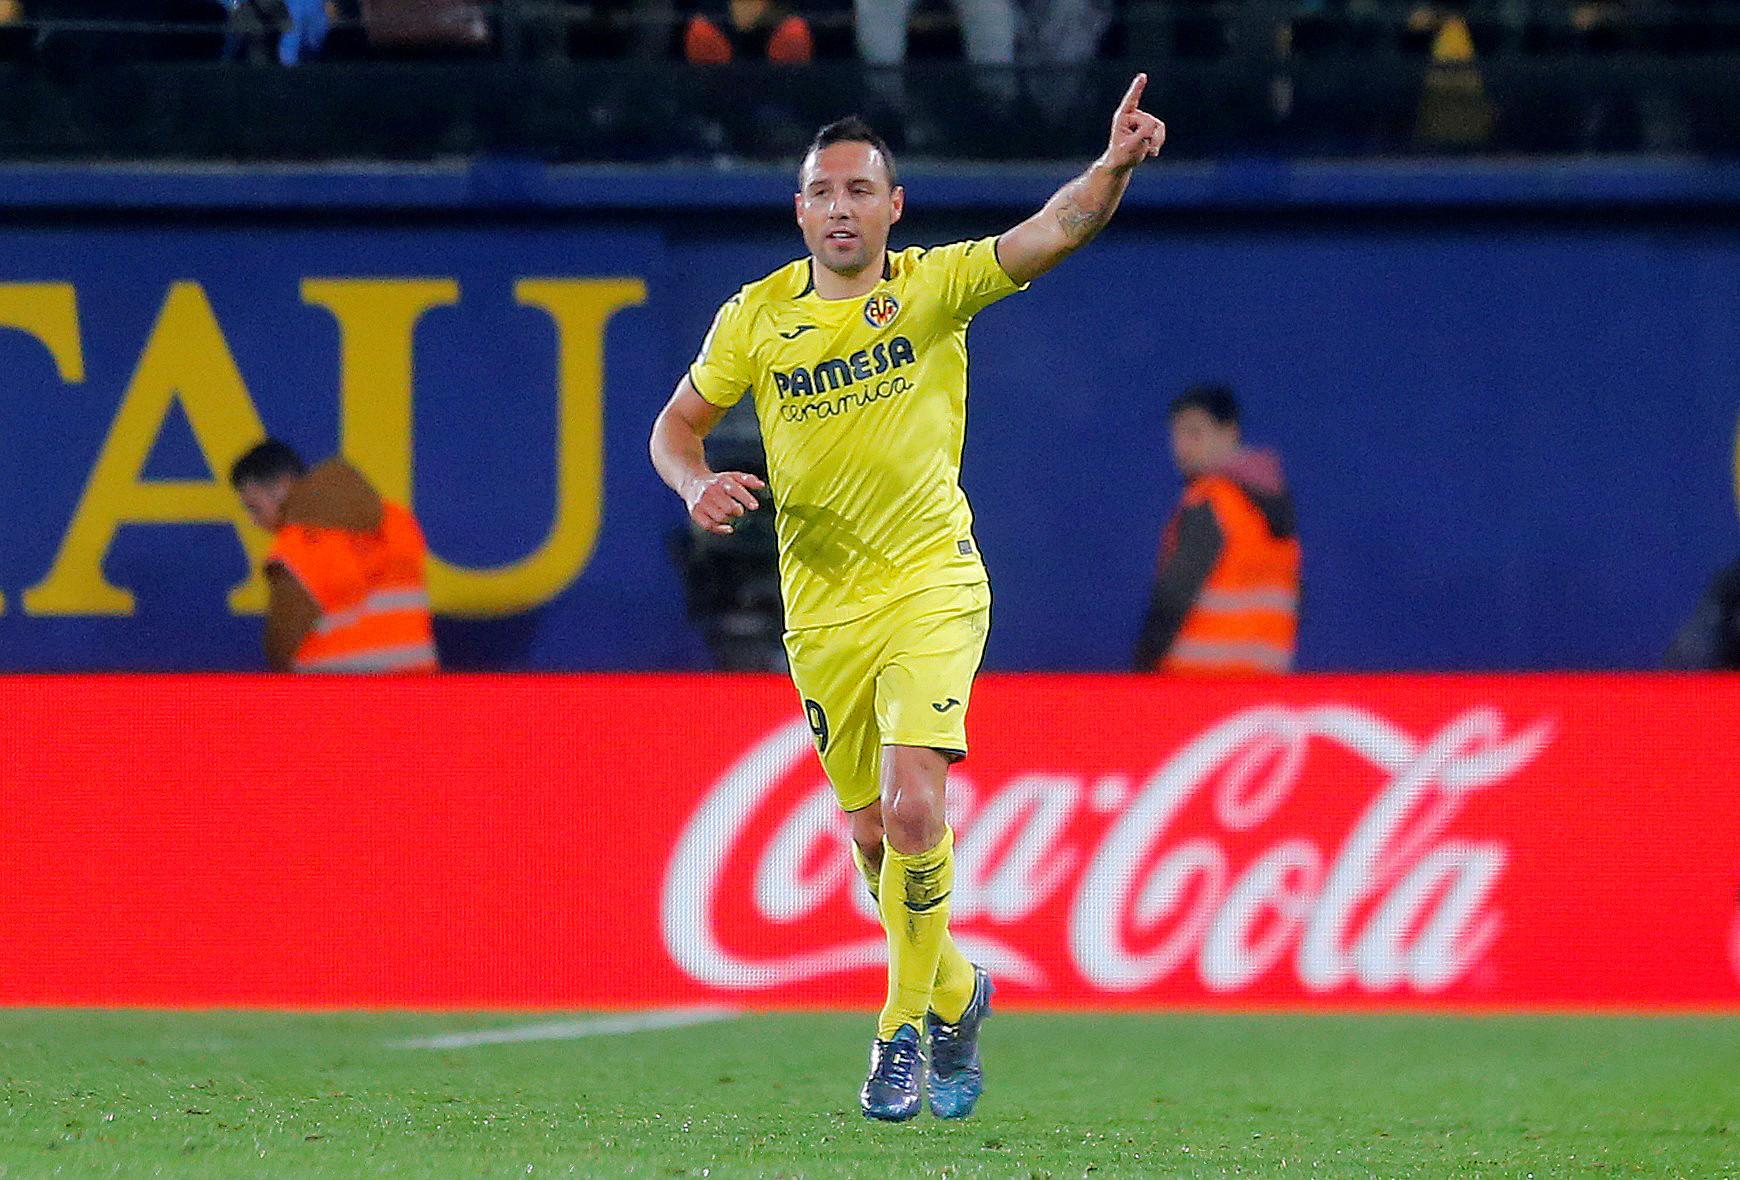 Arsenal fans want Santi Cazorla back after his revealing comments - Bóng Đá